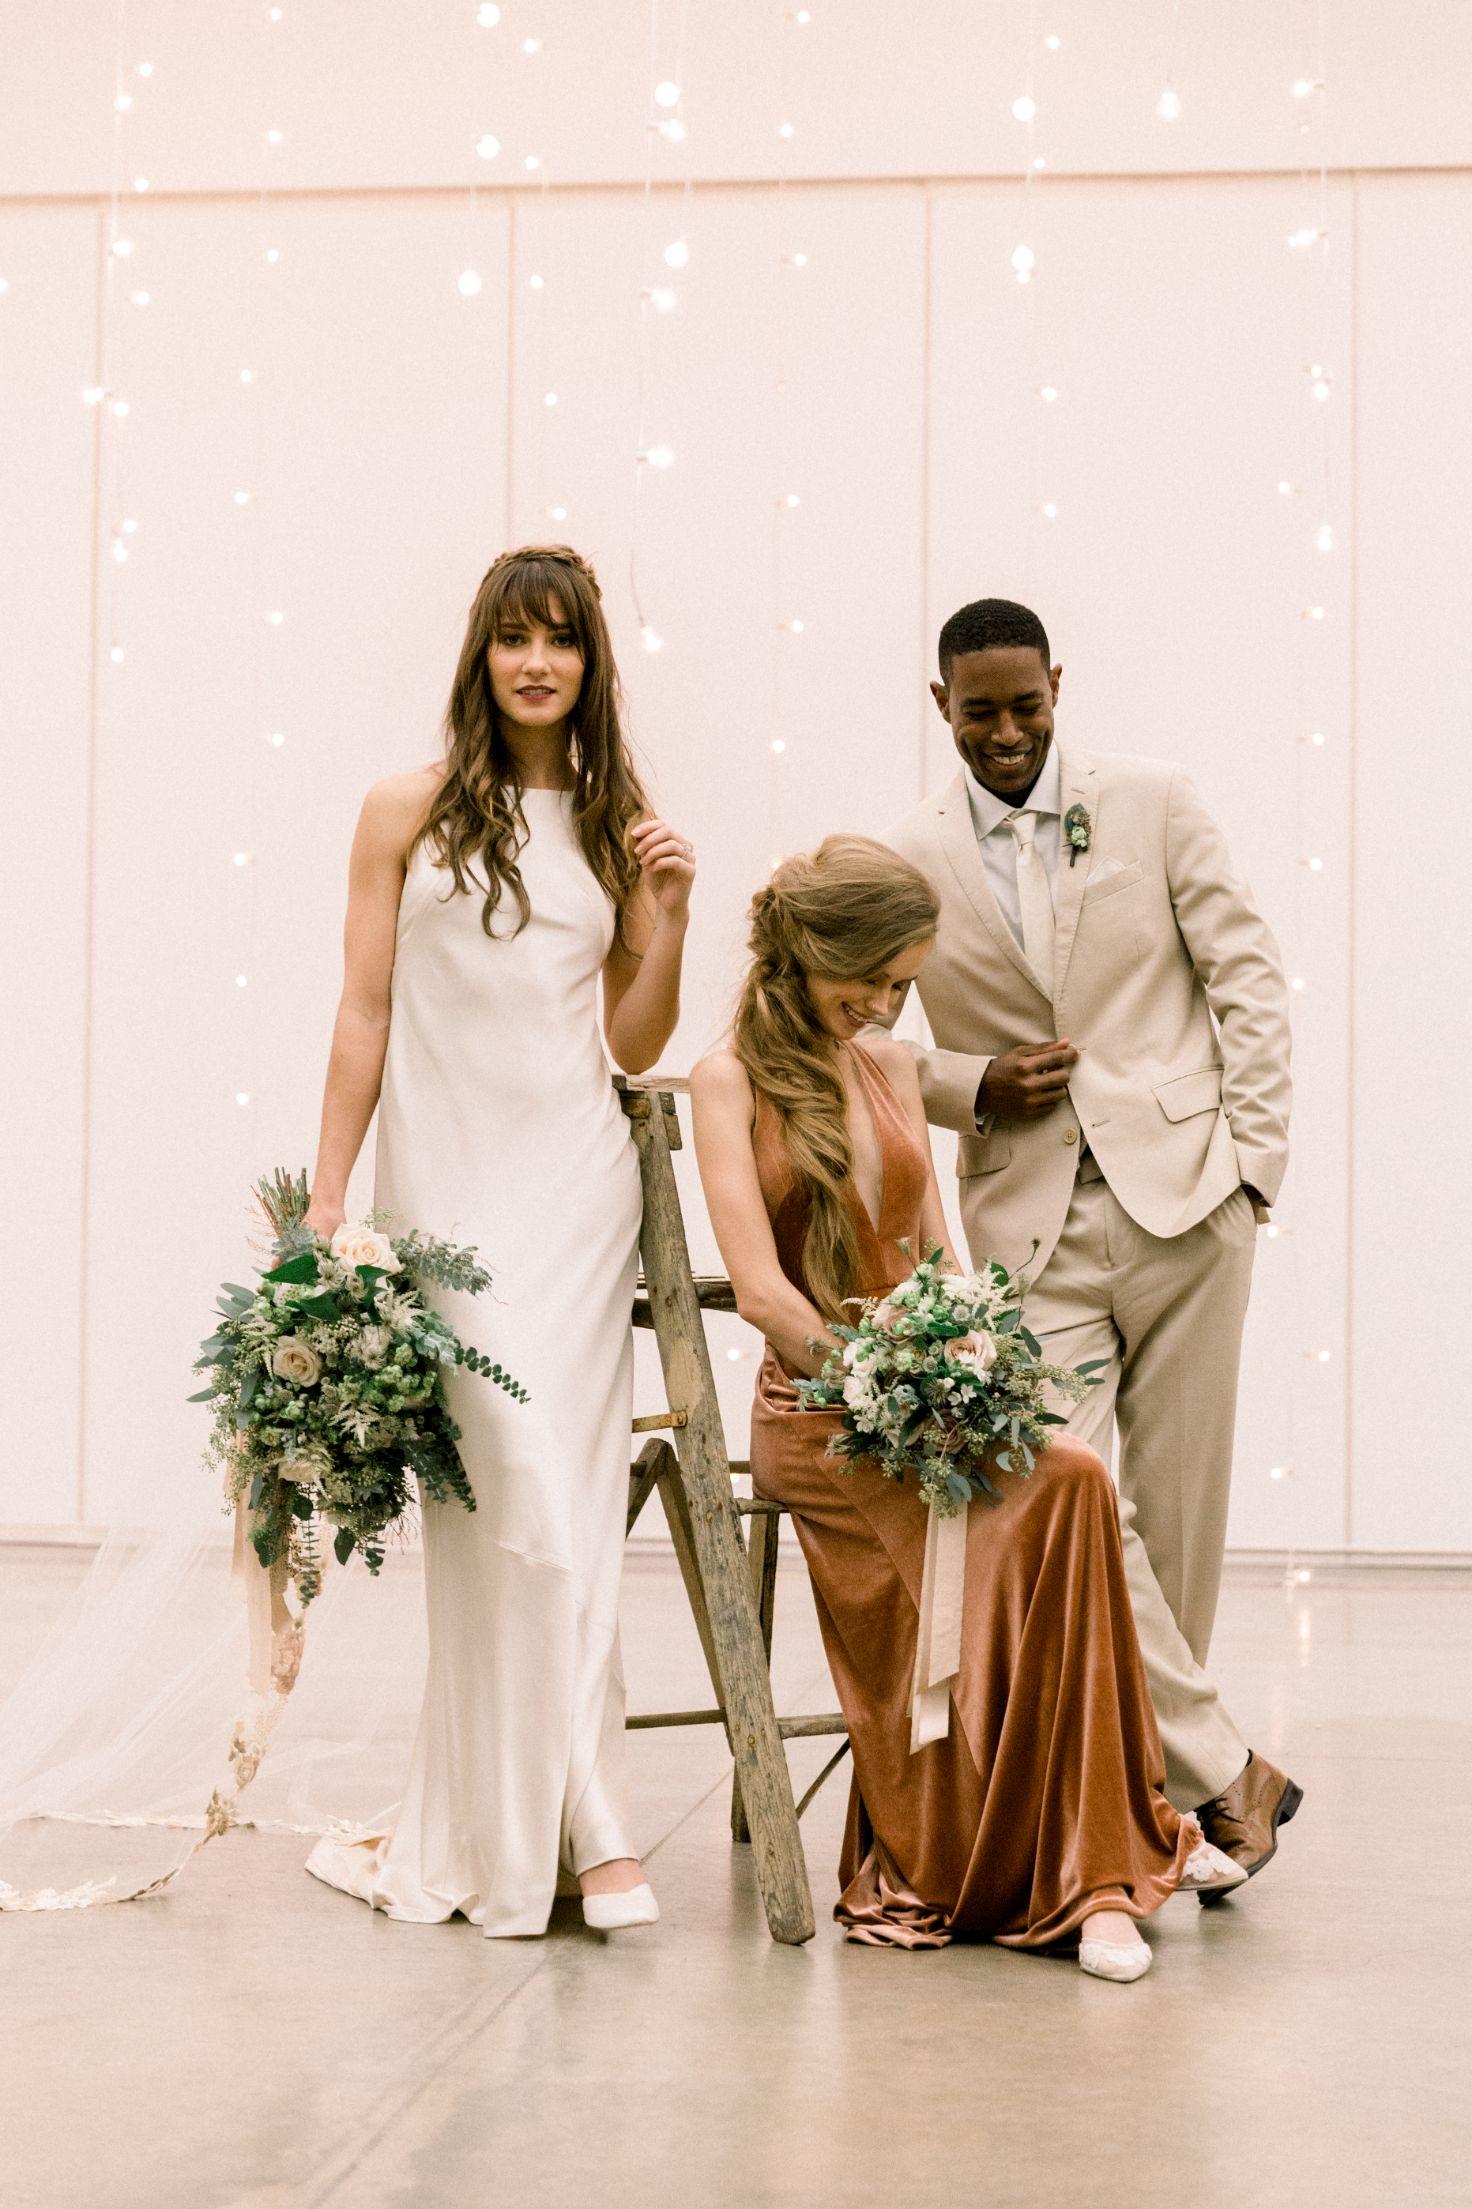 artists-for-humanity-industrial-bohemian-wedding-daylynn-designs317.jpg